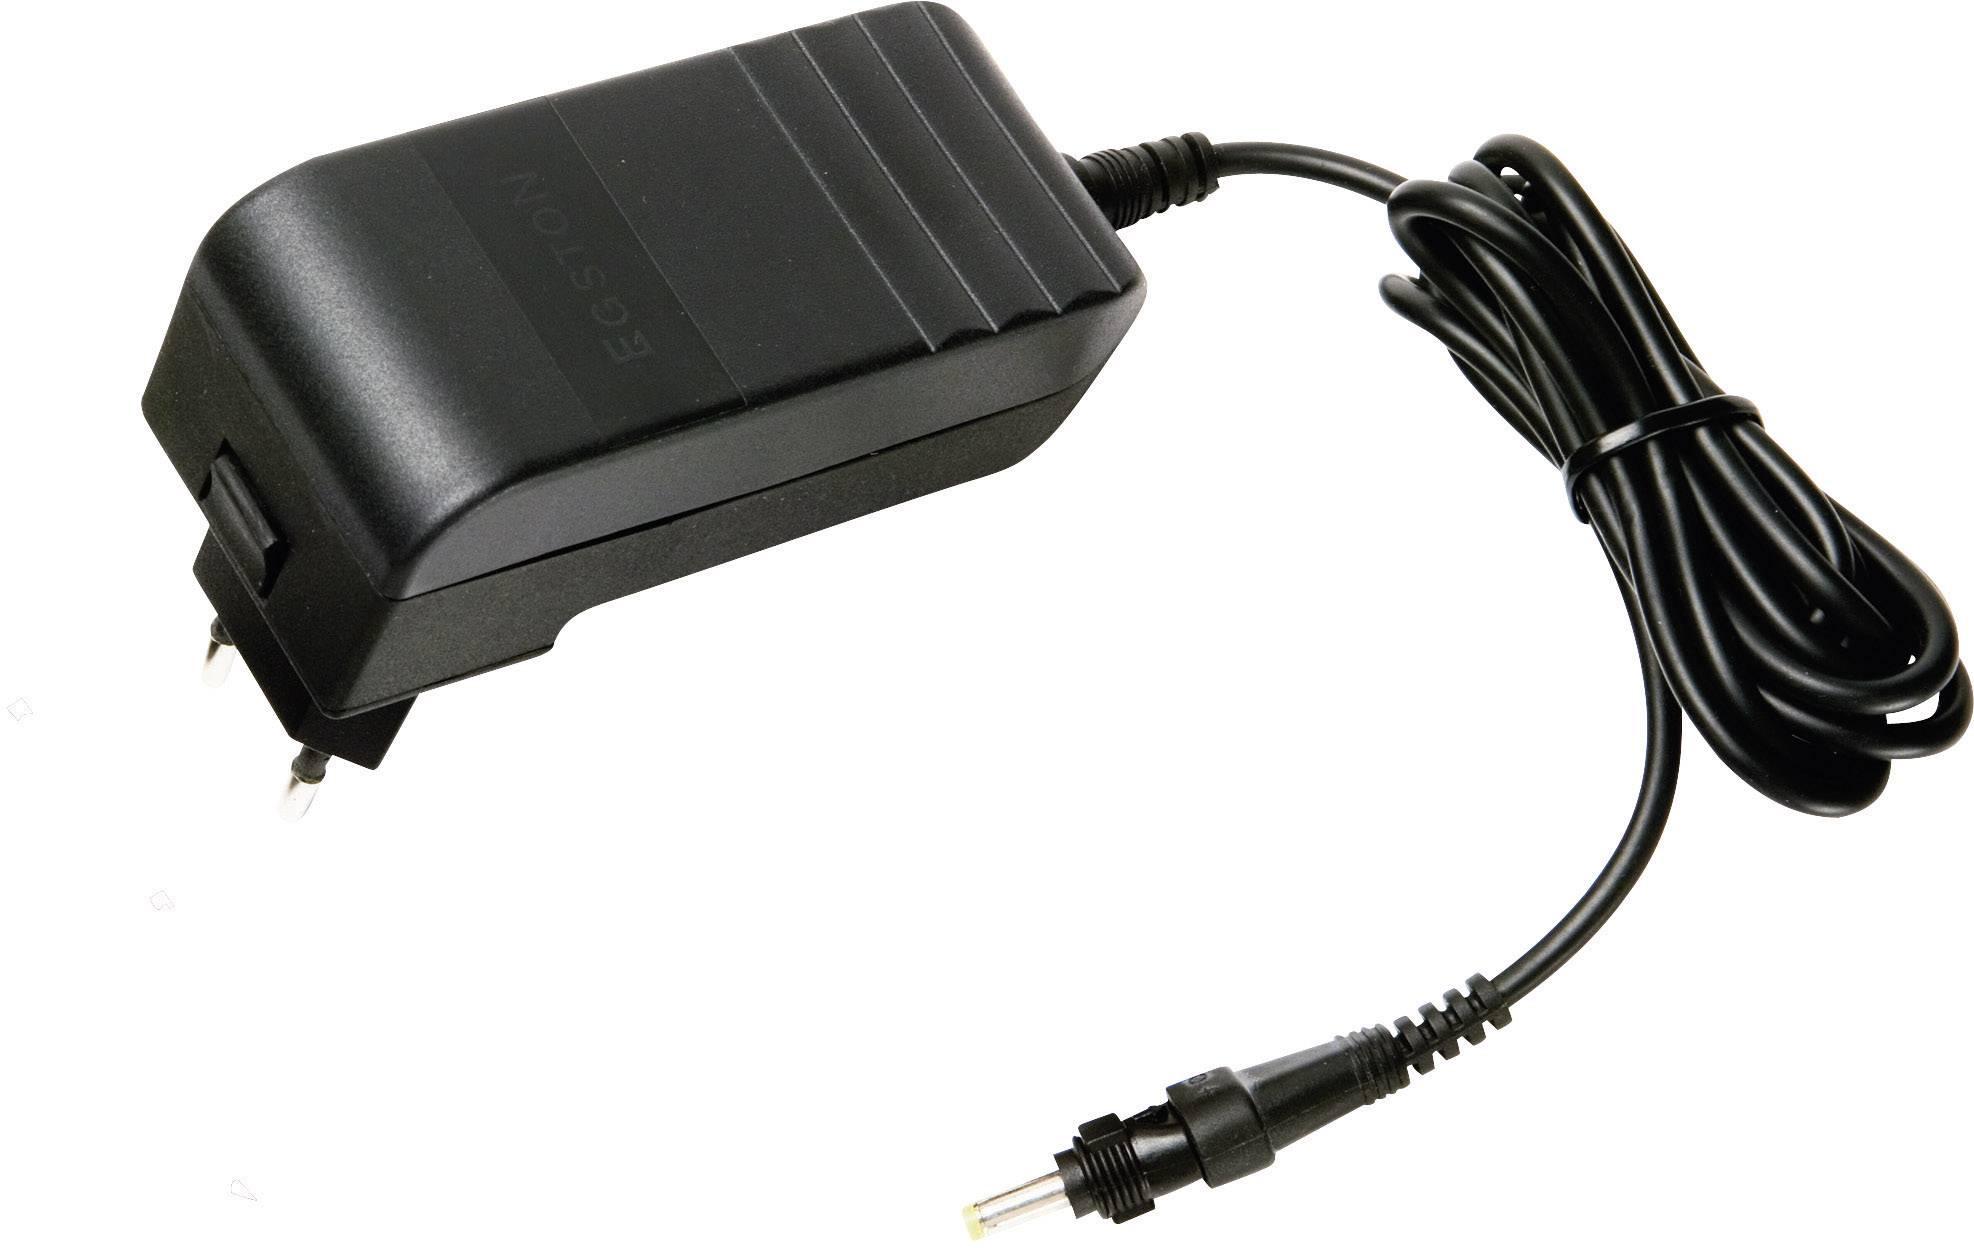 Zásuvkový adaptér so stálym napätím Egston 003920220, 12 W, 1330 mA